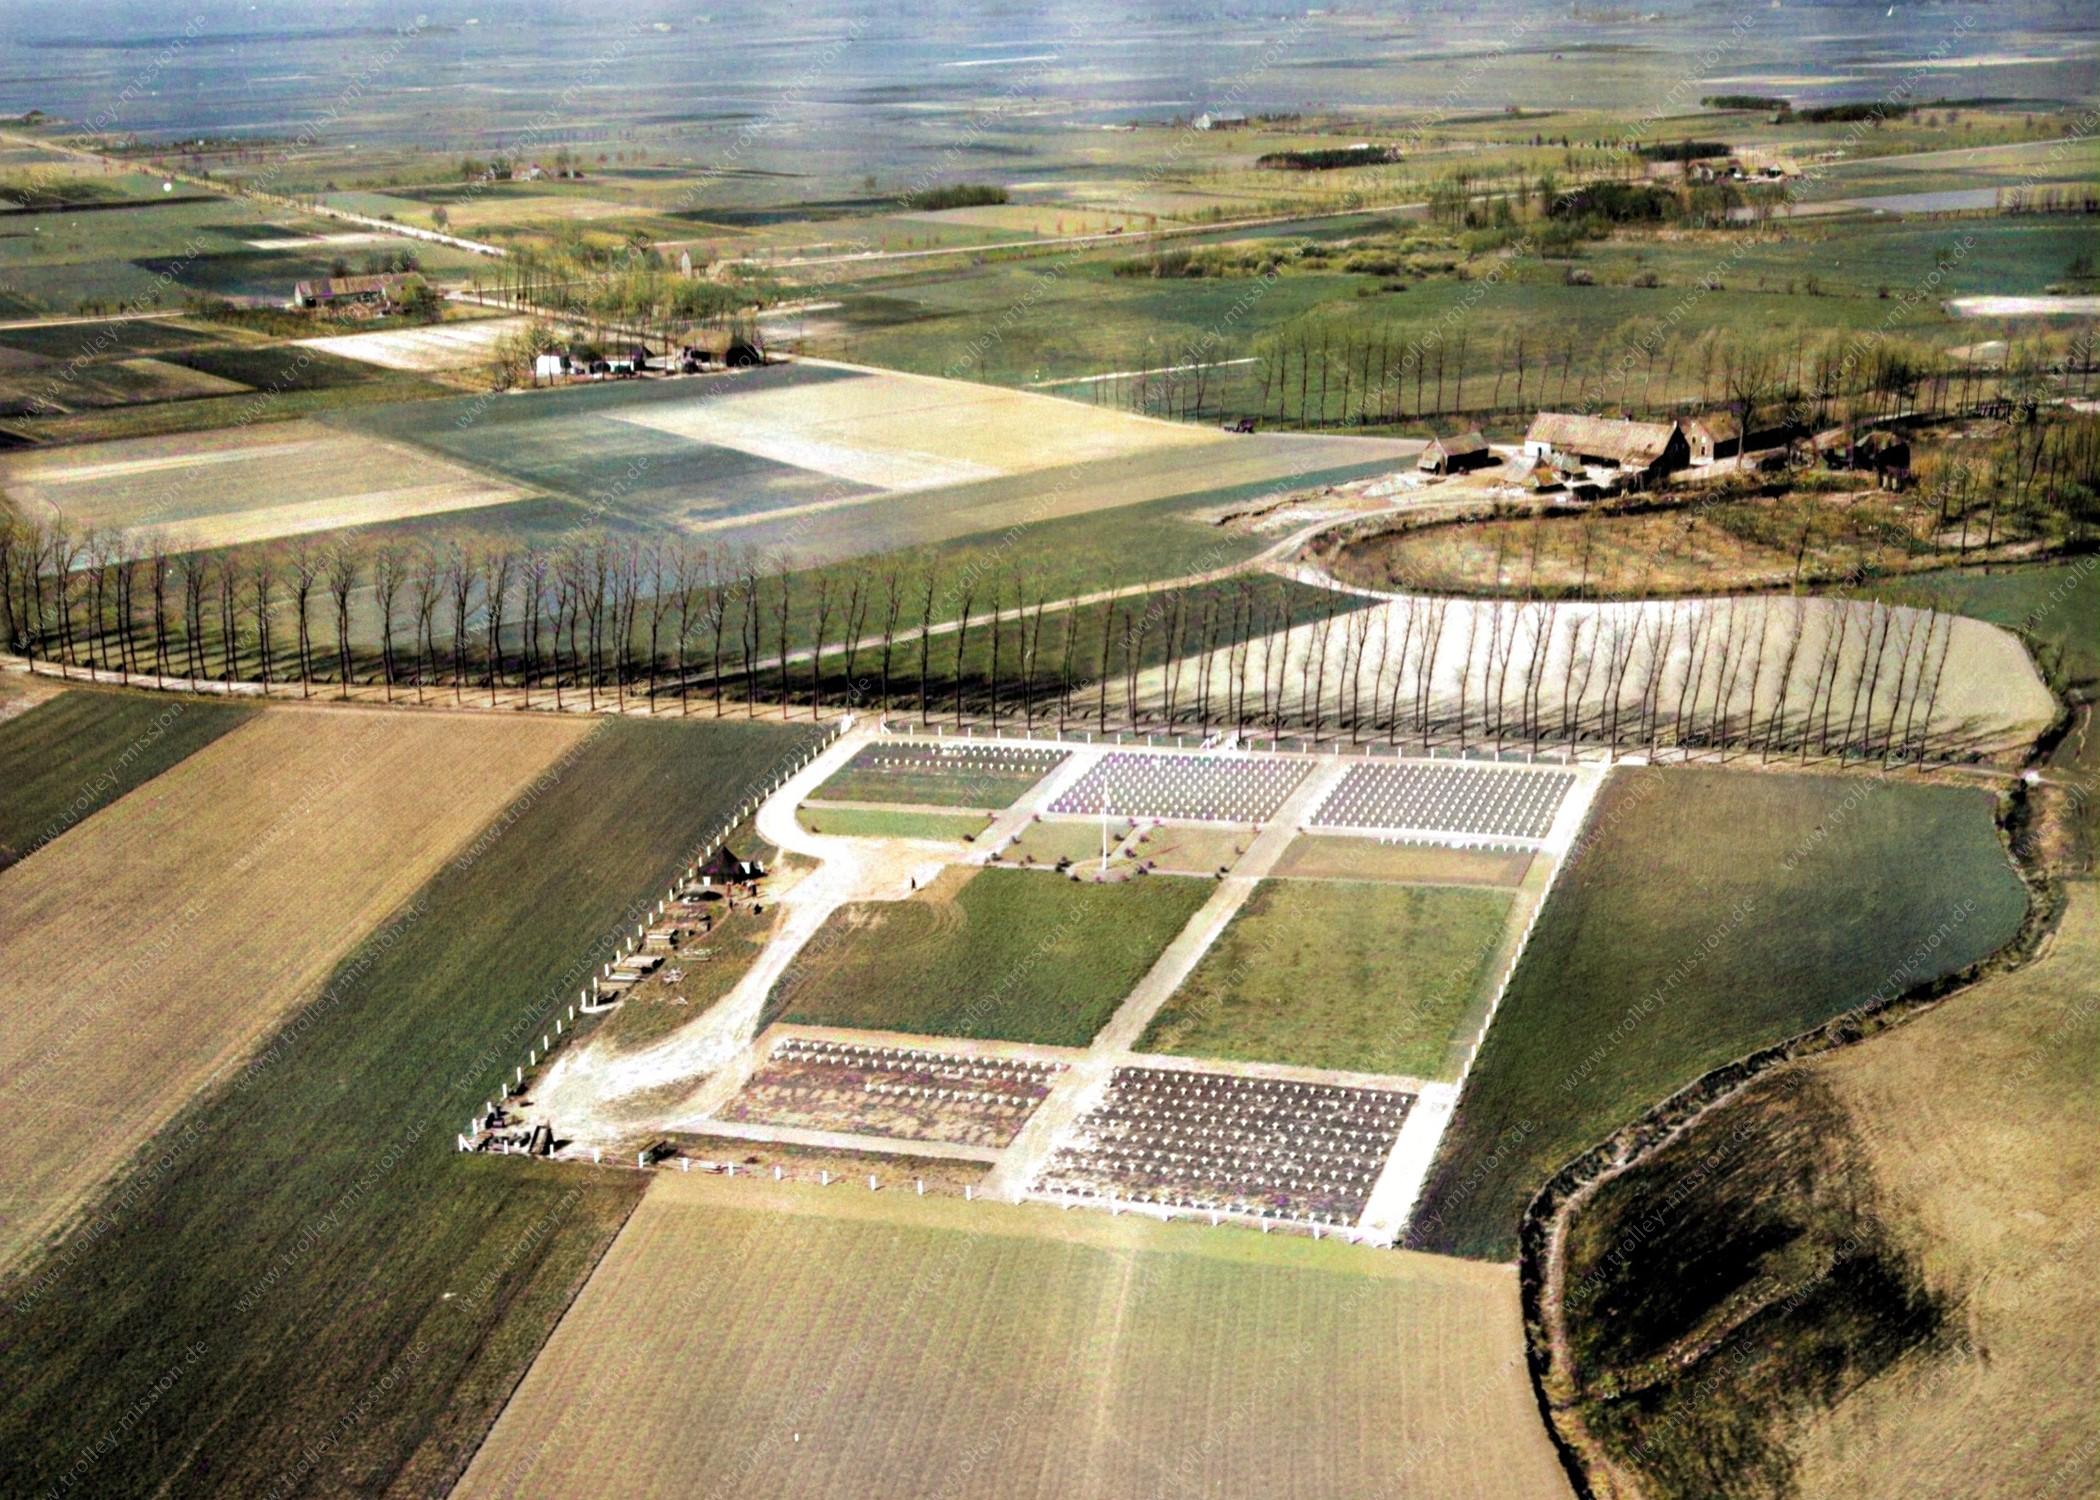 US-amerikanischen Militärfriedhof Son - Ein nachträglich von Markus Lenz koloriertes Luftbild